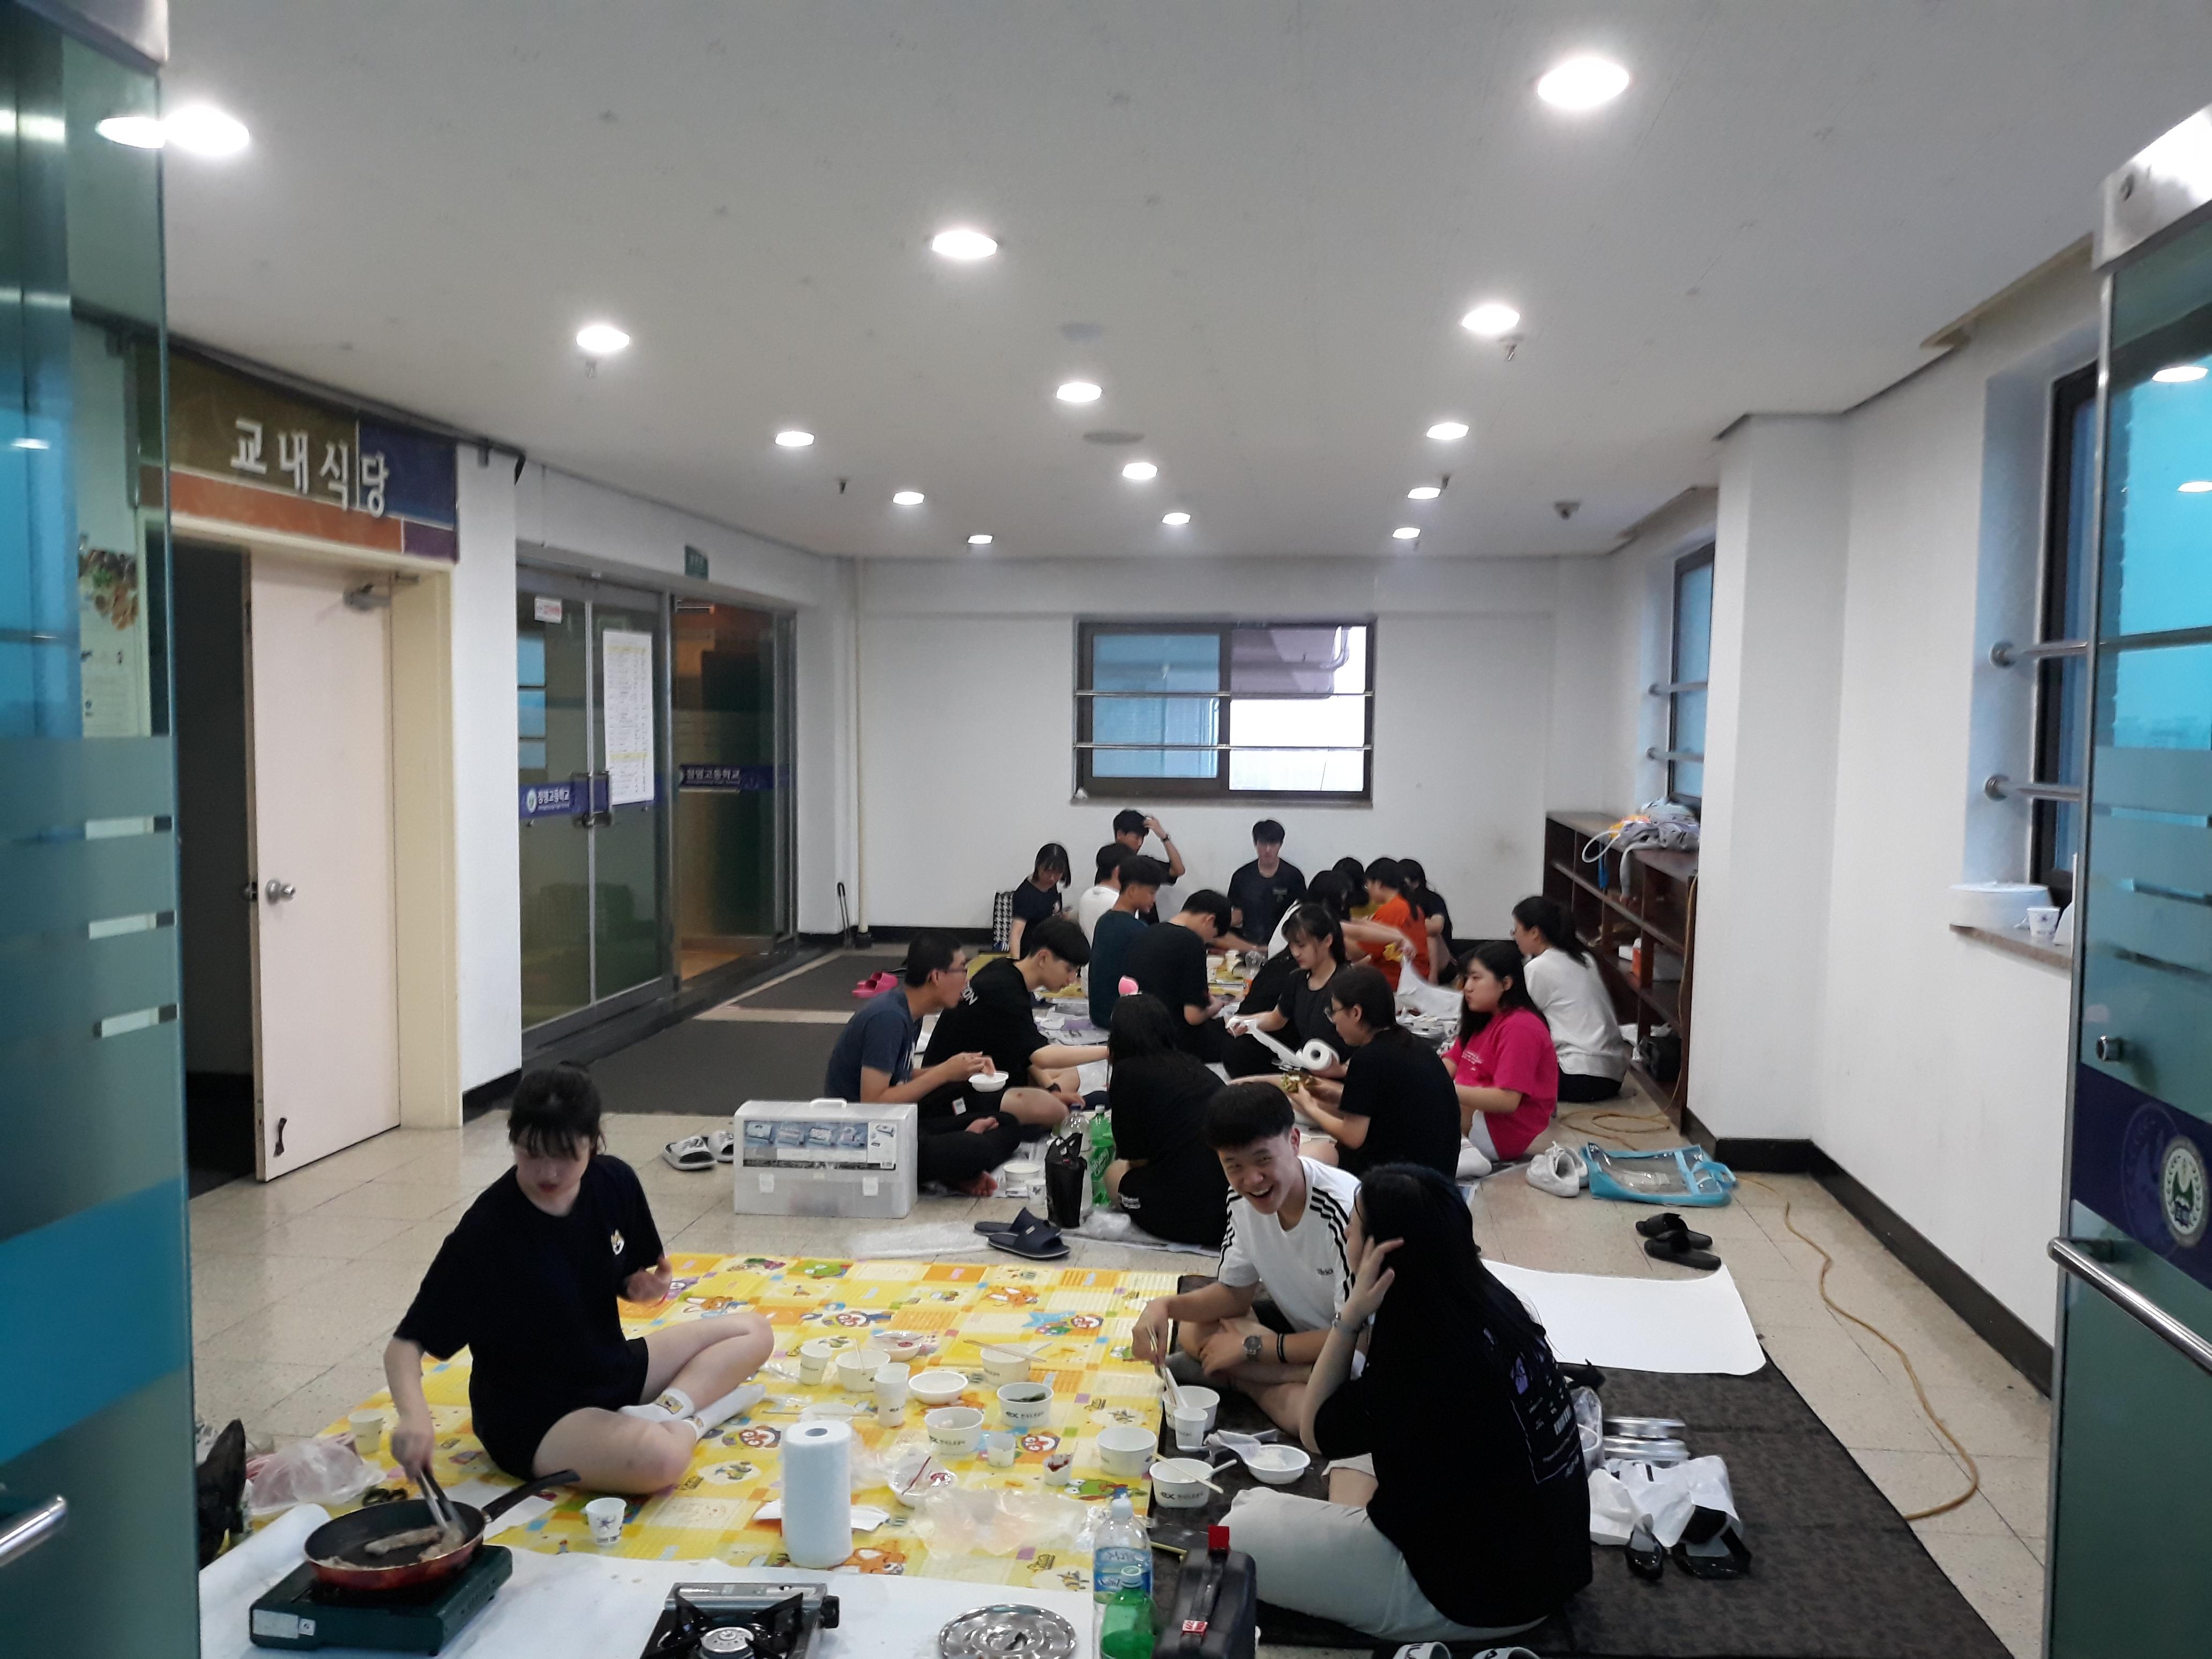 학생자치회 리더십 캠프 활동들3(레크레이션 활동과 맛있는 저녁식사)